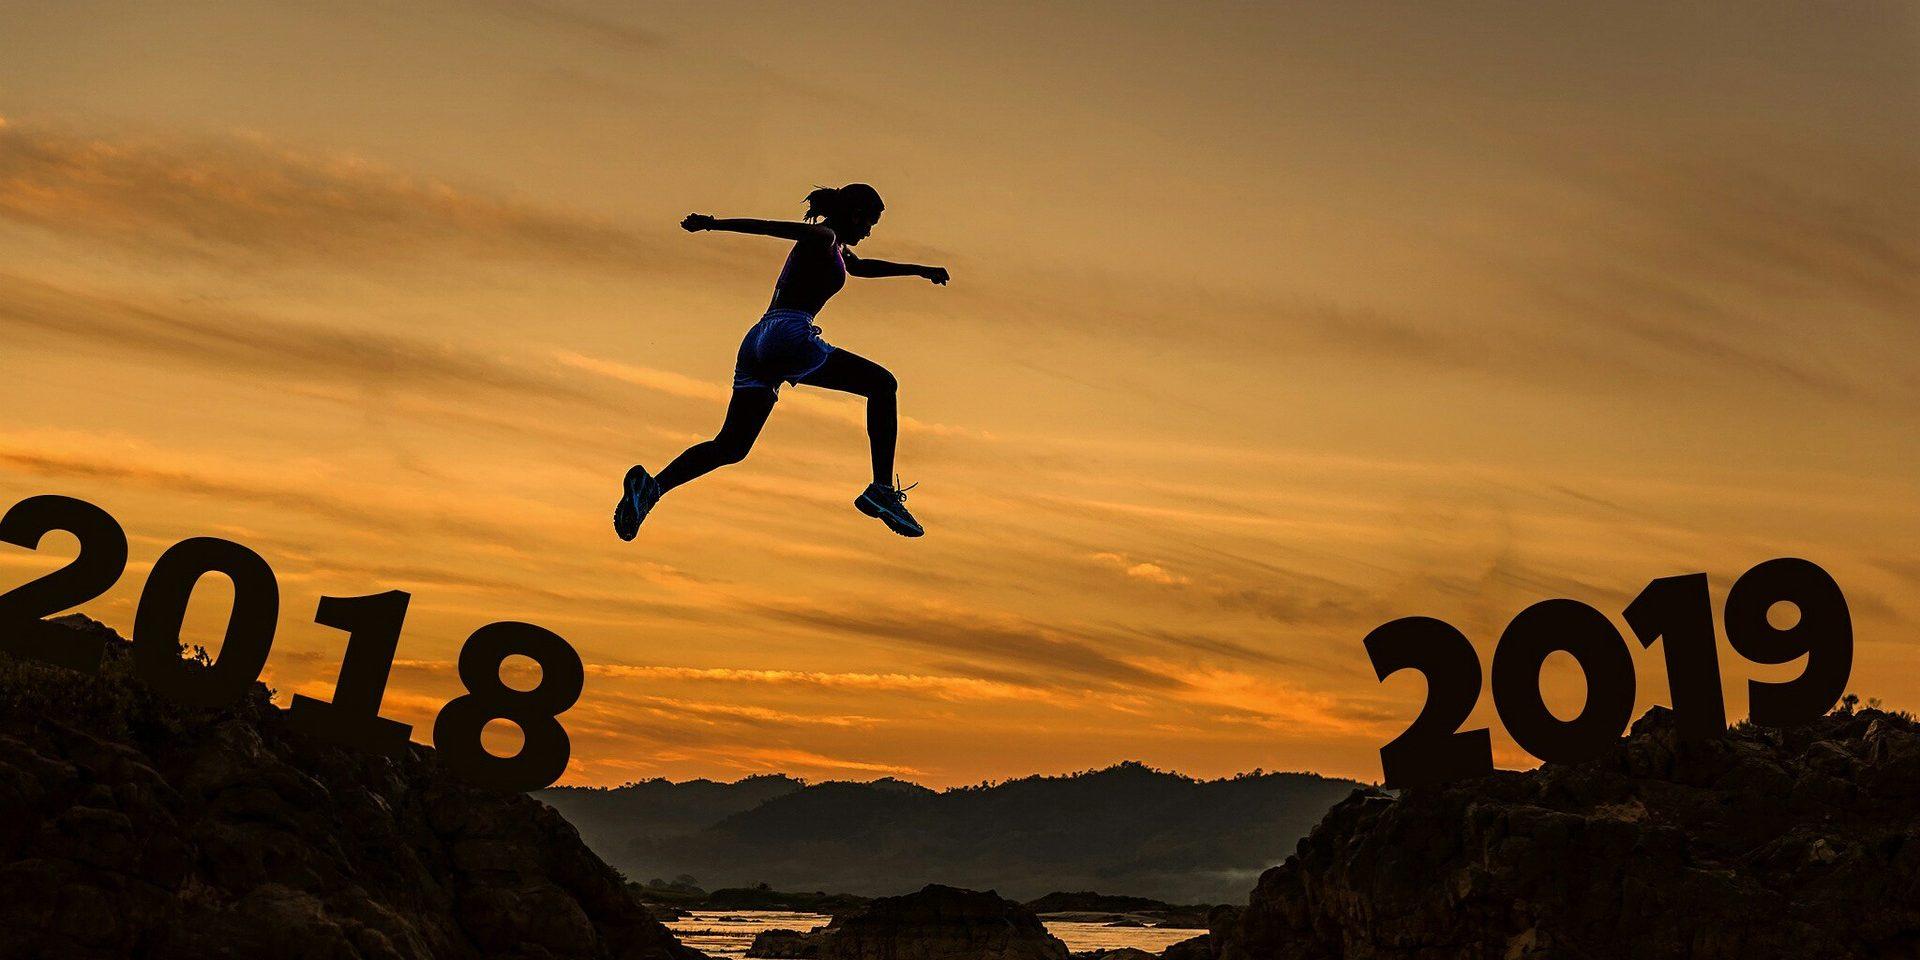 Ingin Bisnis, Simak Peluang Usaha 2019 yang Terus Berjaya